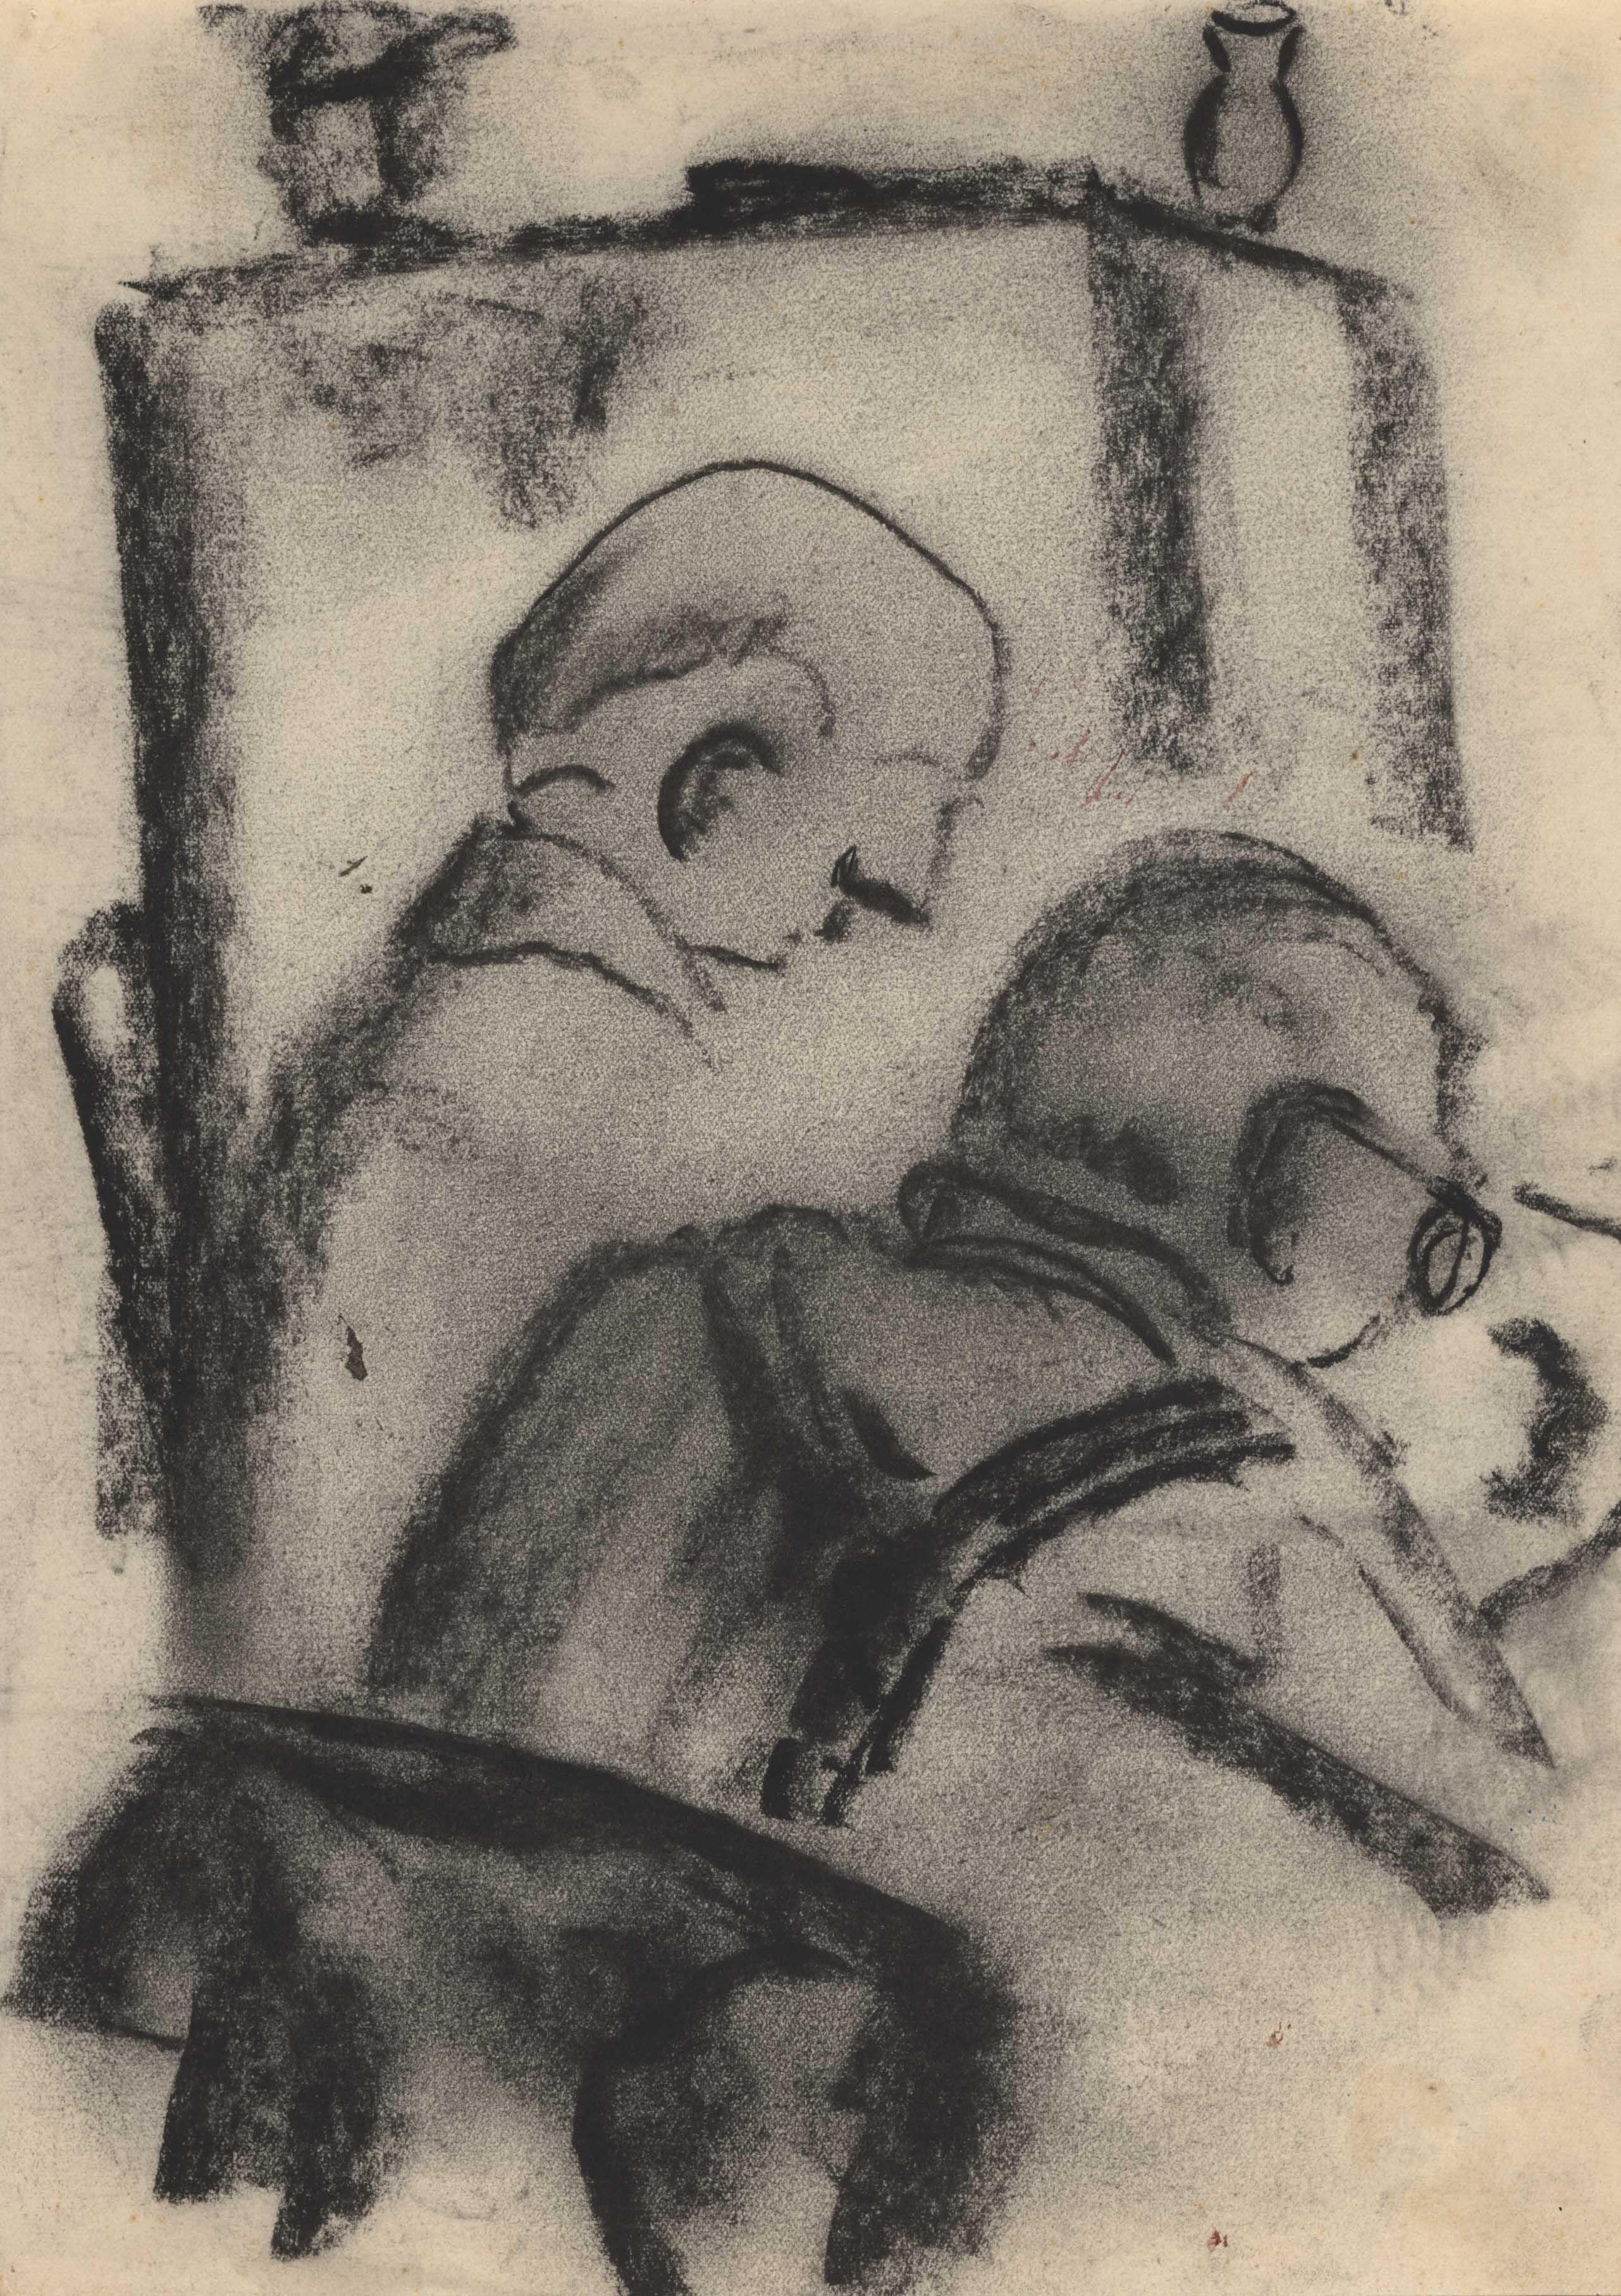 Een portret van twee patiënten, één leest de krant